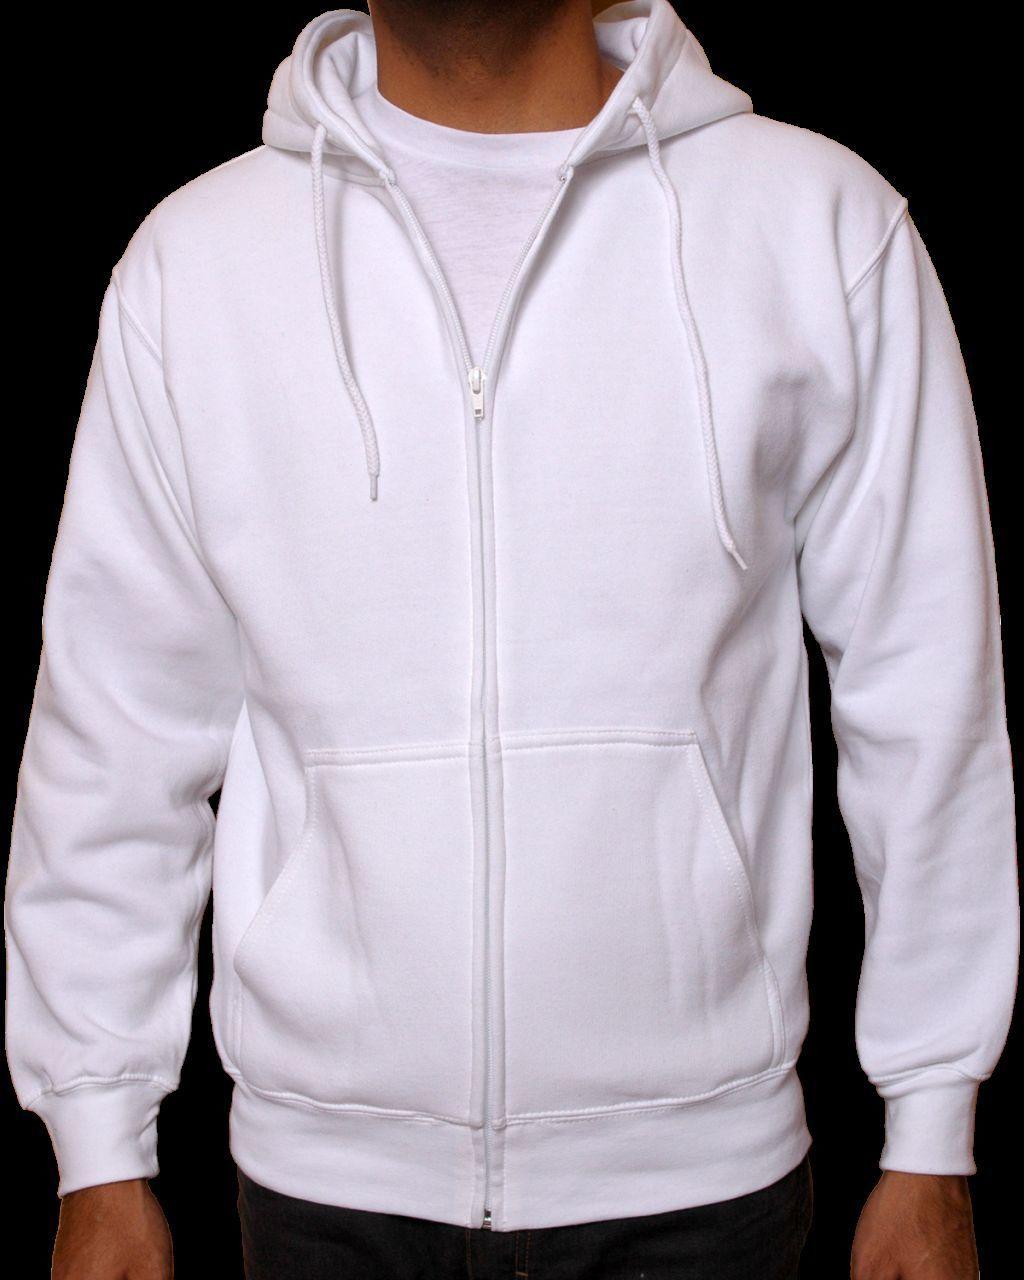 Men S Premium Full Zip Up Hoodie Classic Zipper Hooded Sweatshirt Cotton Soft Hoodies Hoodies Men Hooded Sweatshirts [ 1280 x 1024 Pixel ]